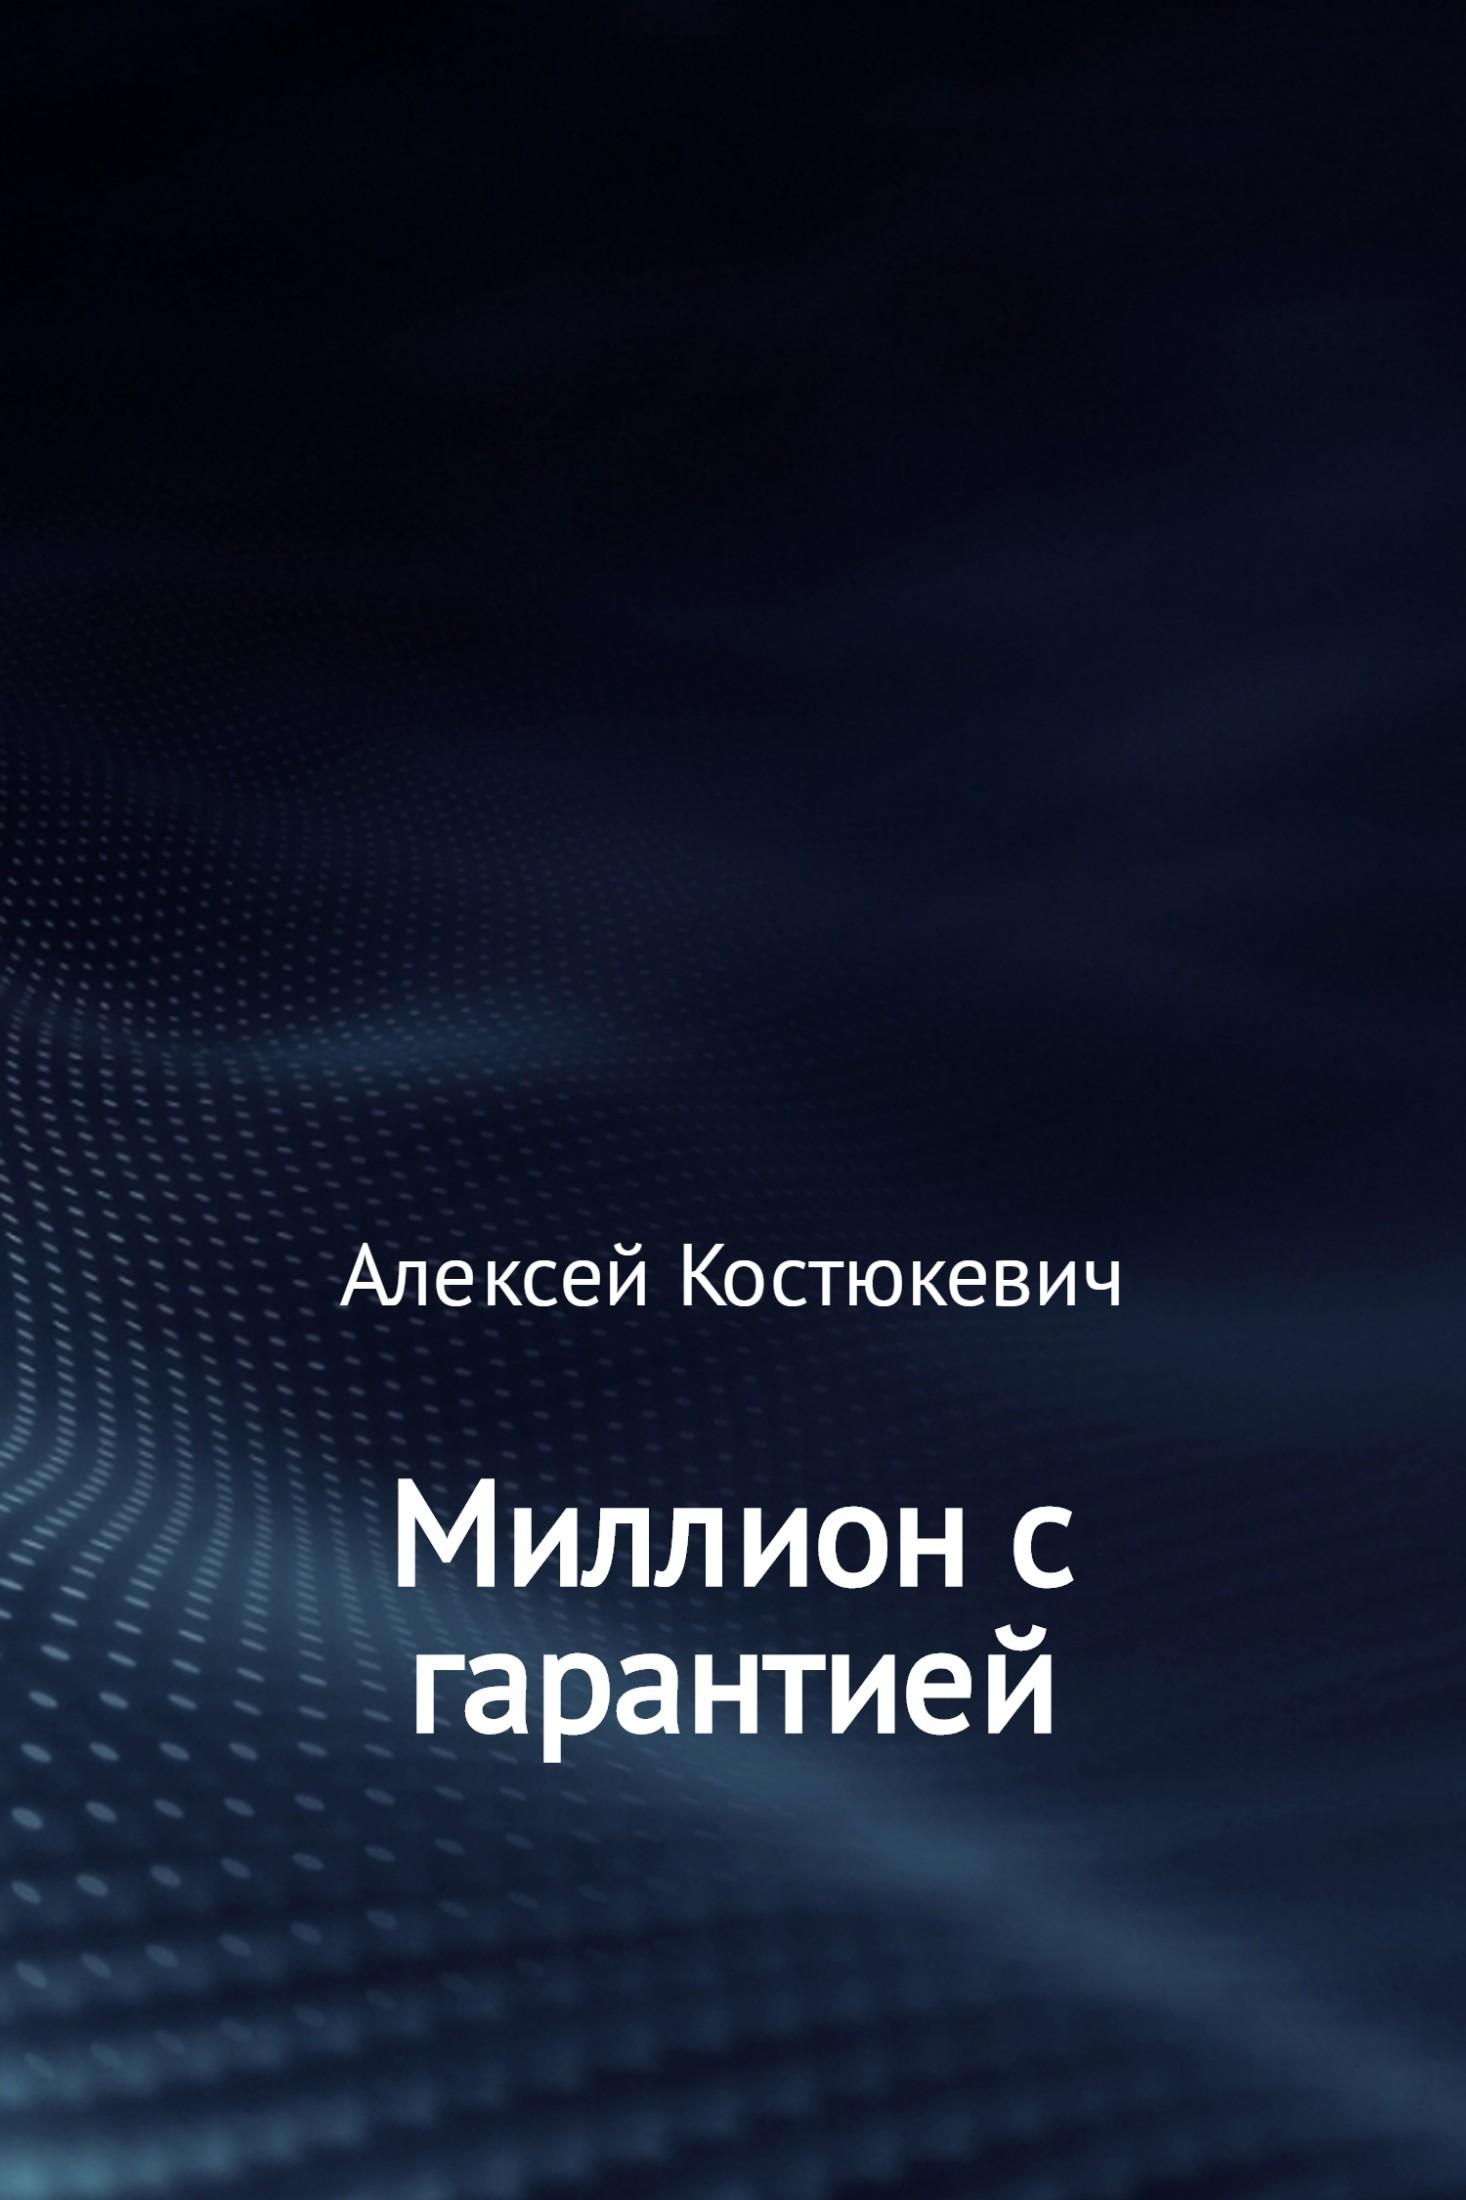 Алексей Костюкевич бесплатно